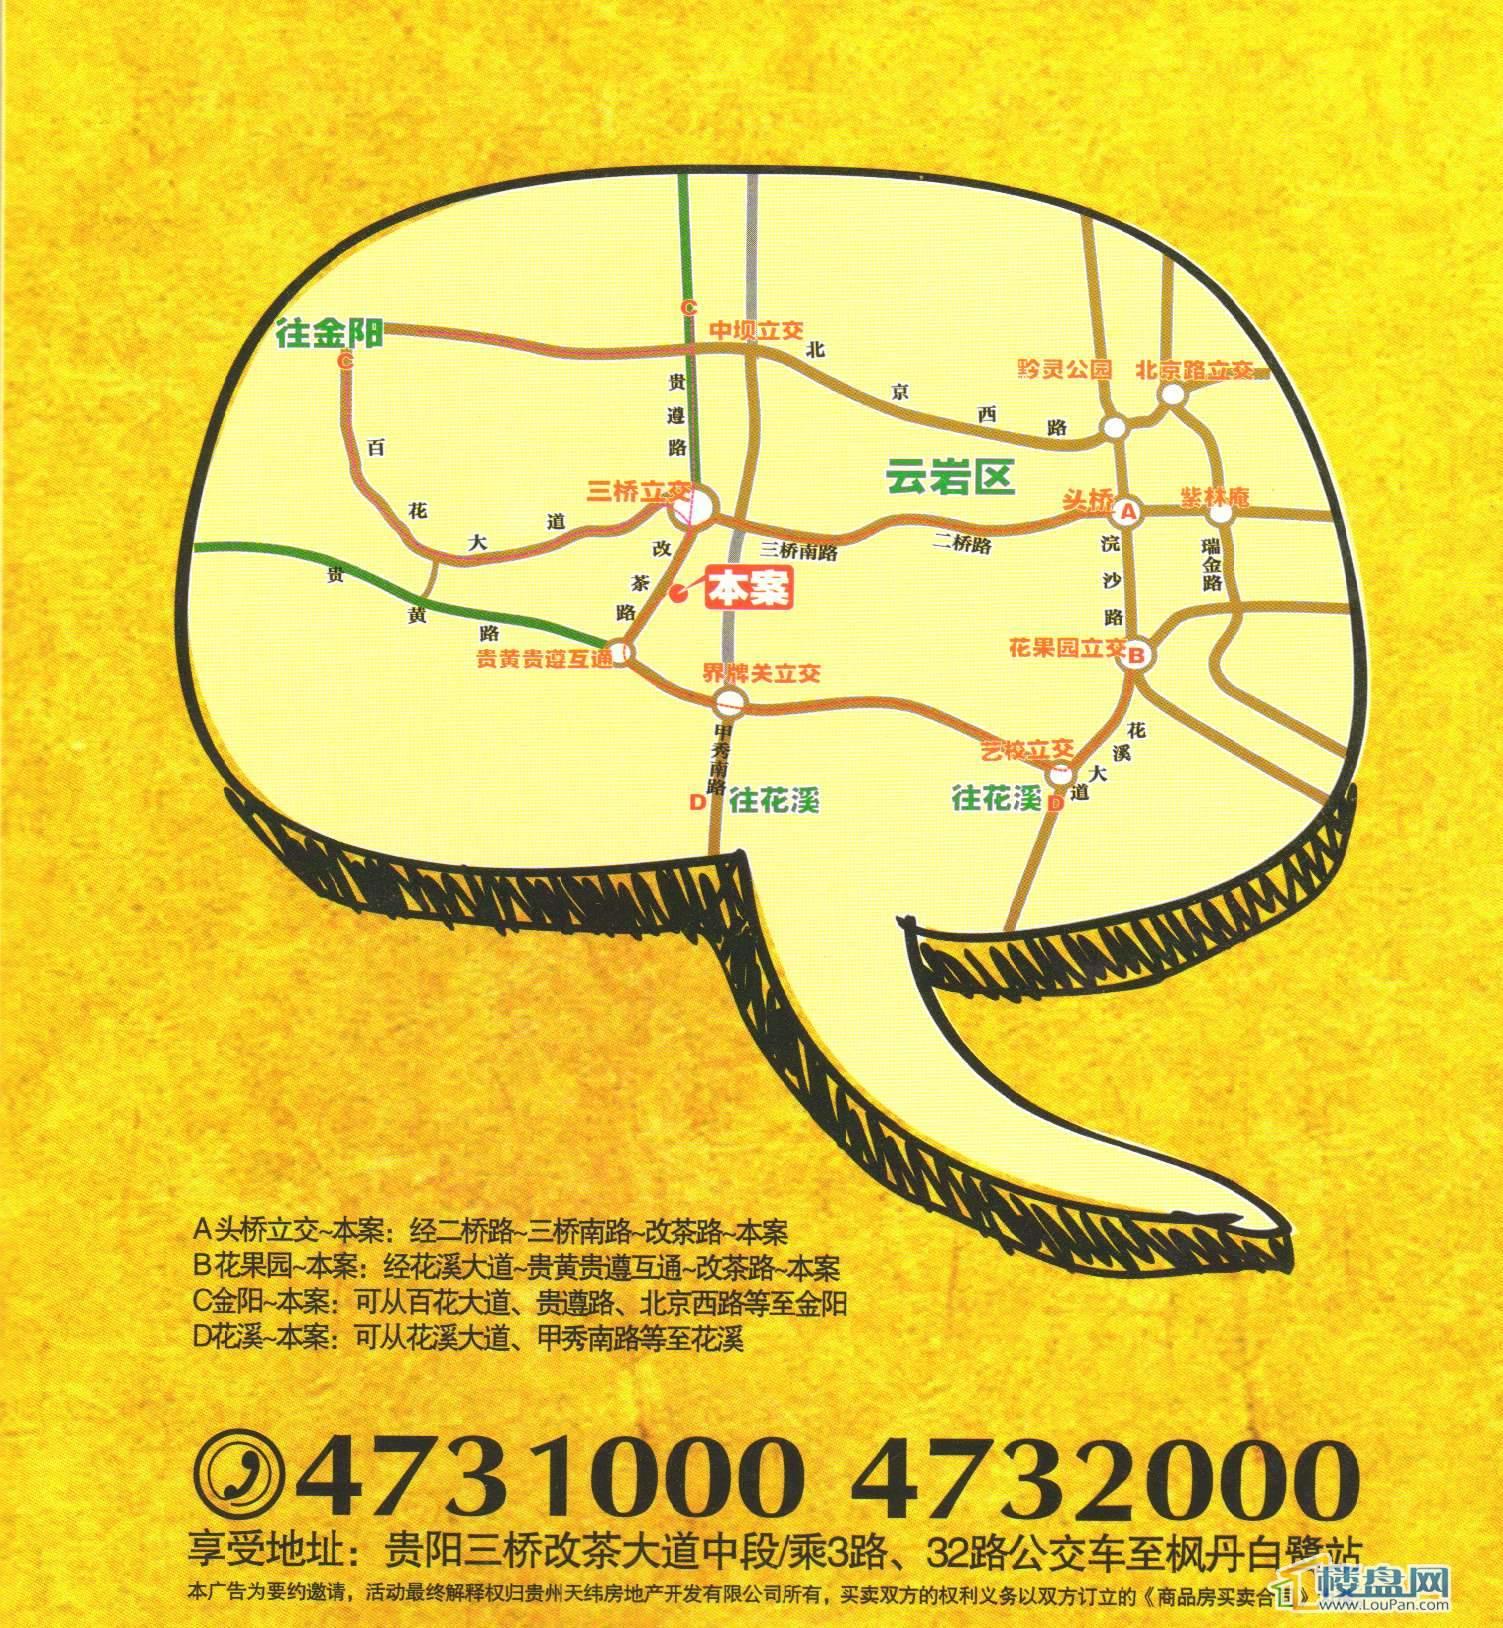 枫丹白鹭·蜂鸟交通图